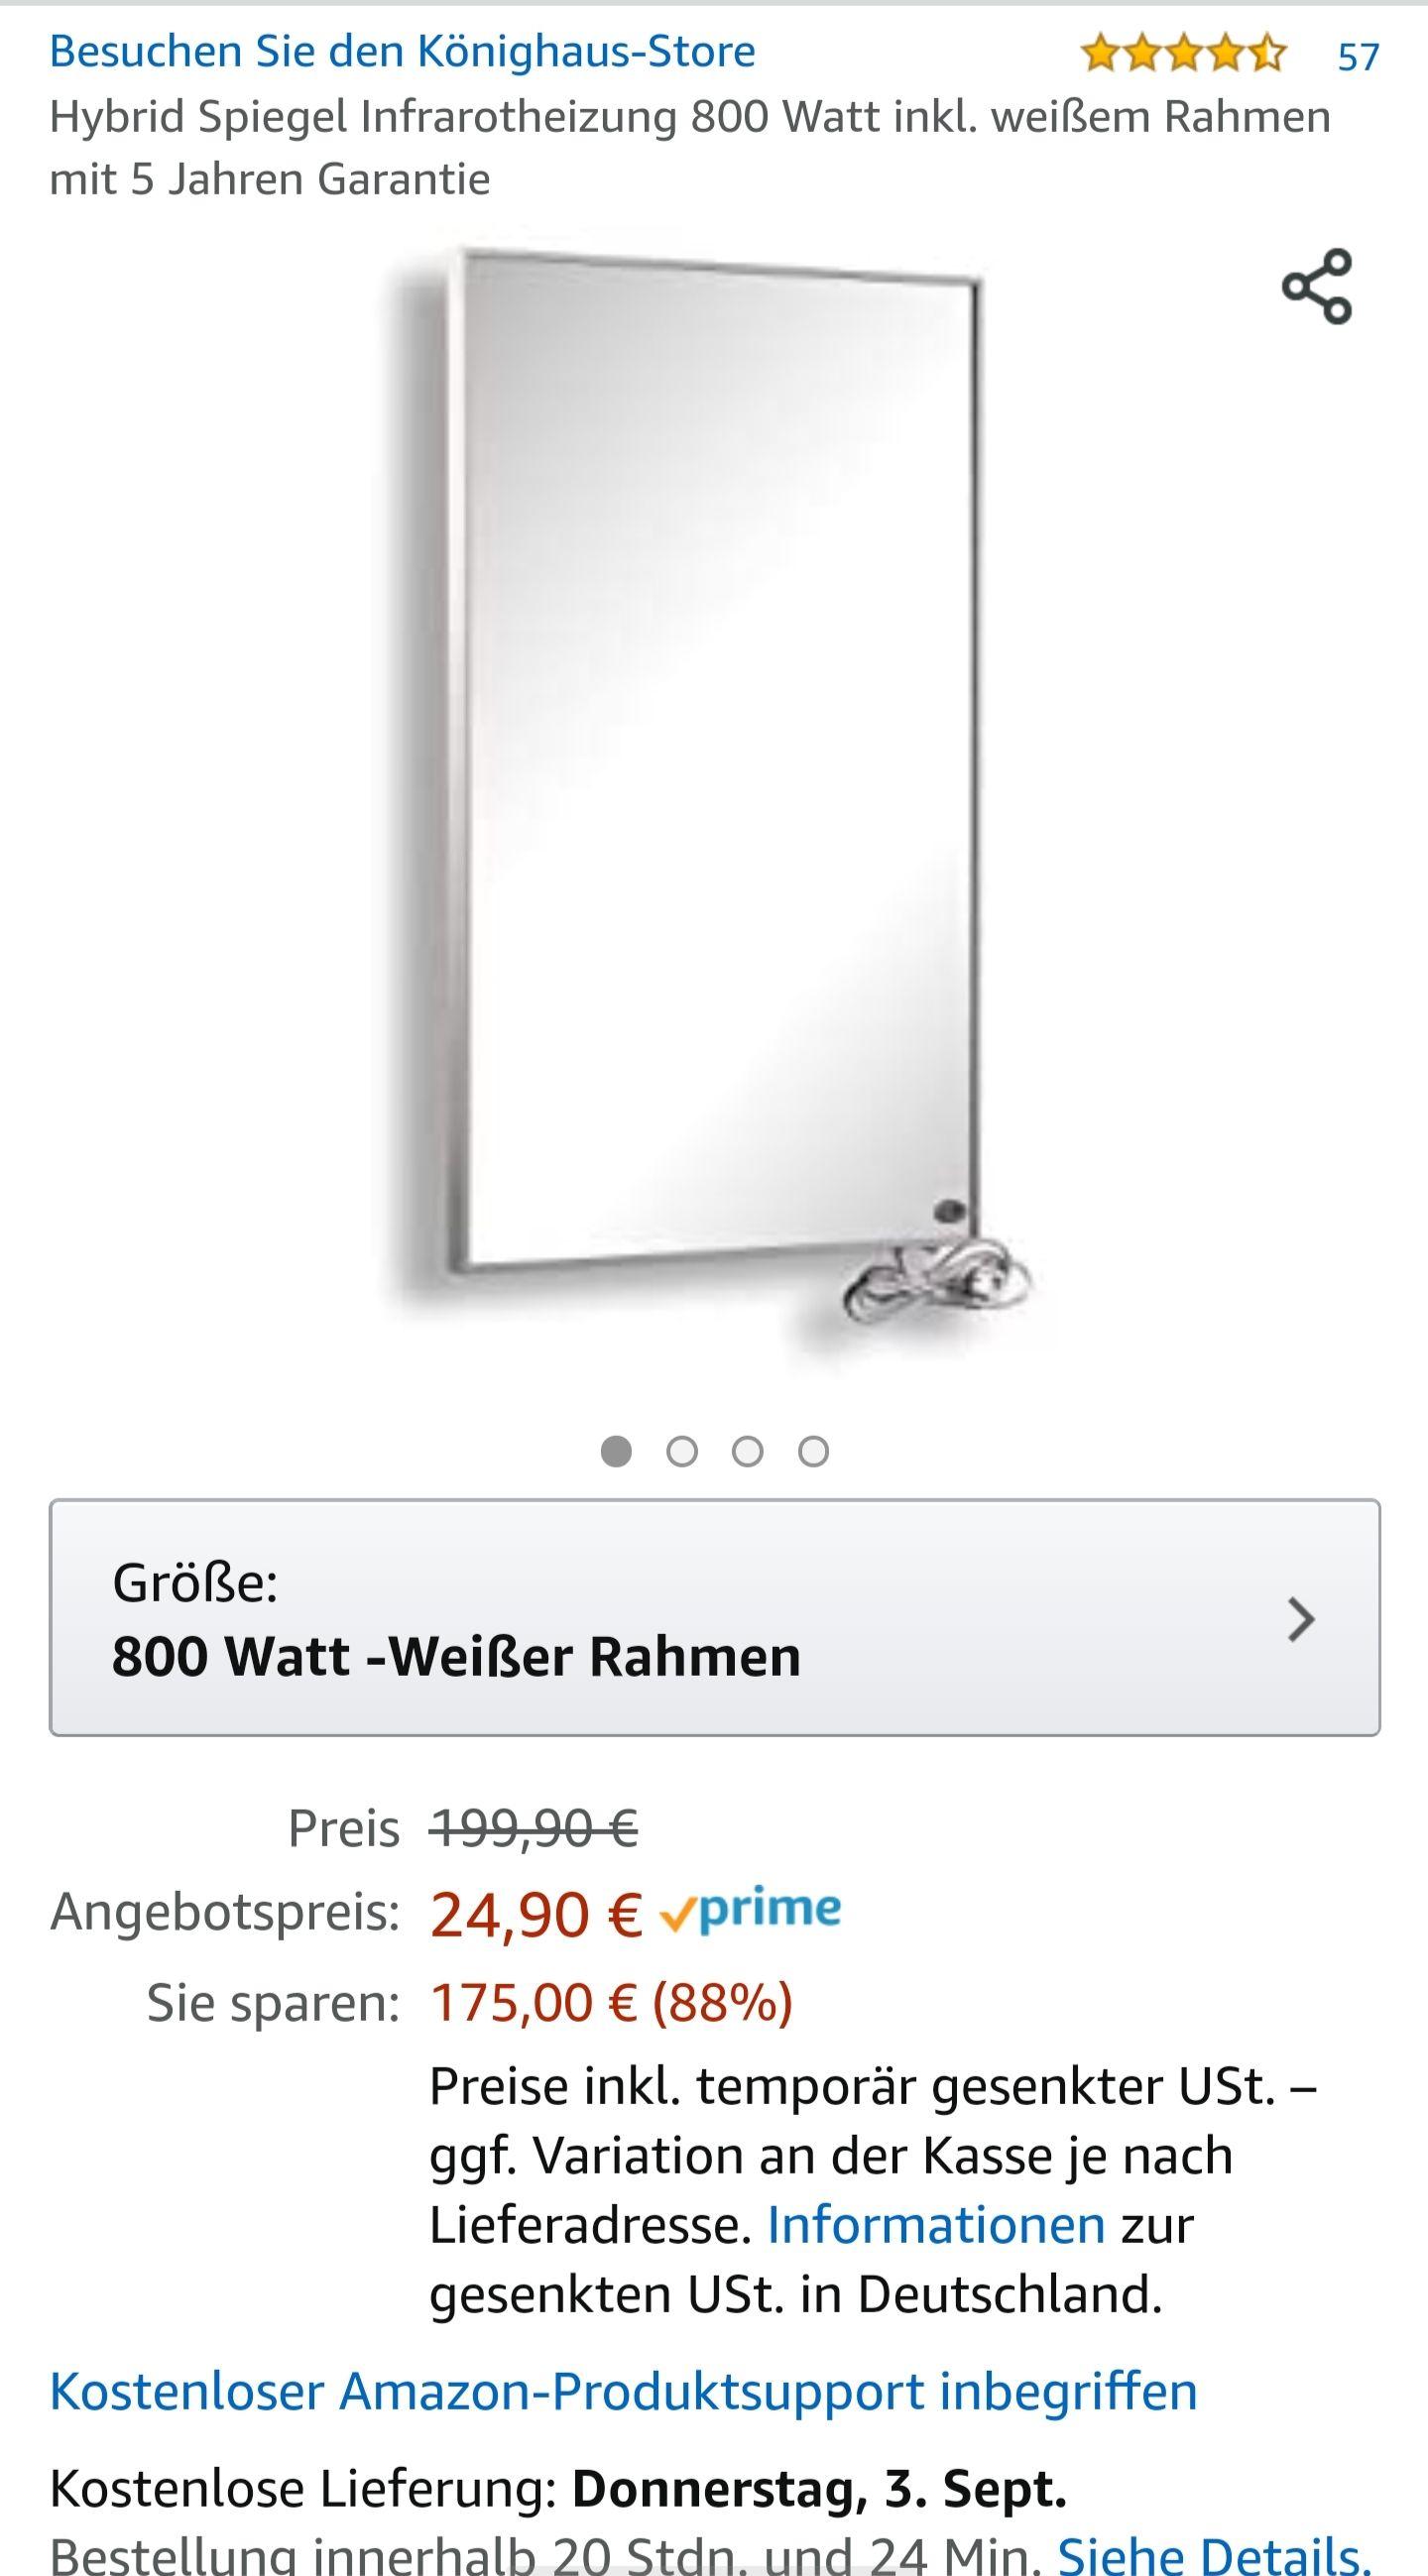 Amazon Prime - Hybrid Spiegel Infrarotheizung 800 Watt (Preisfehler)